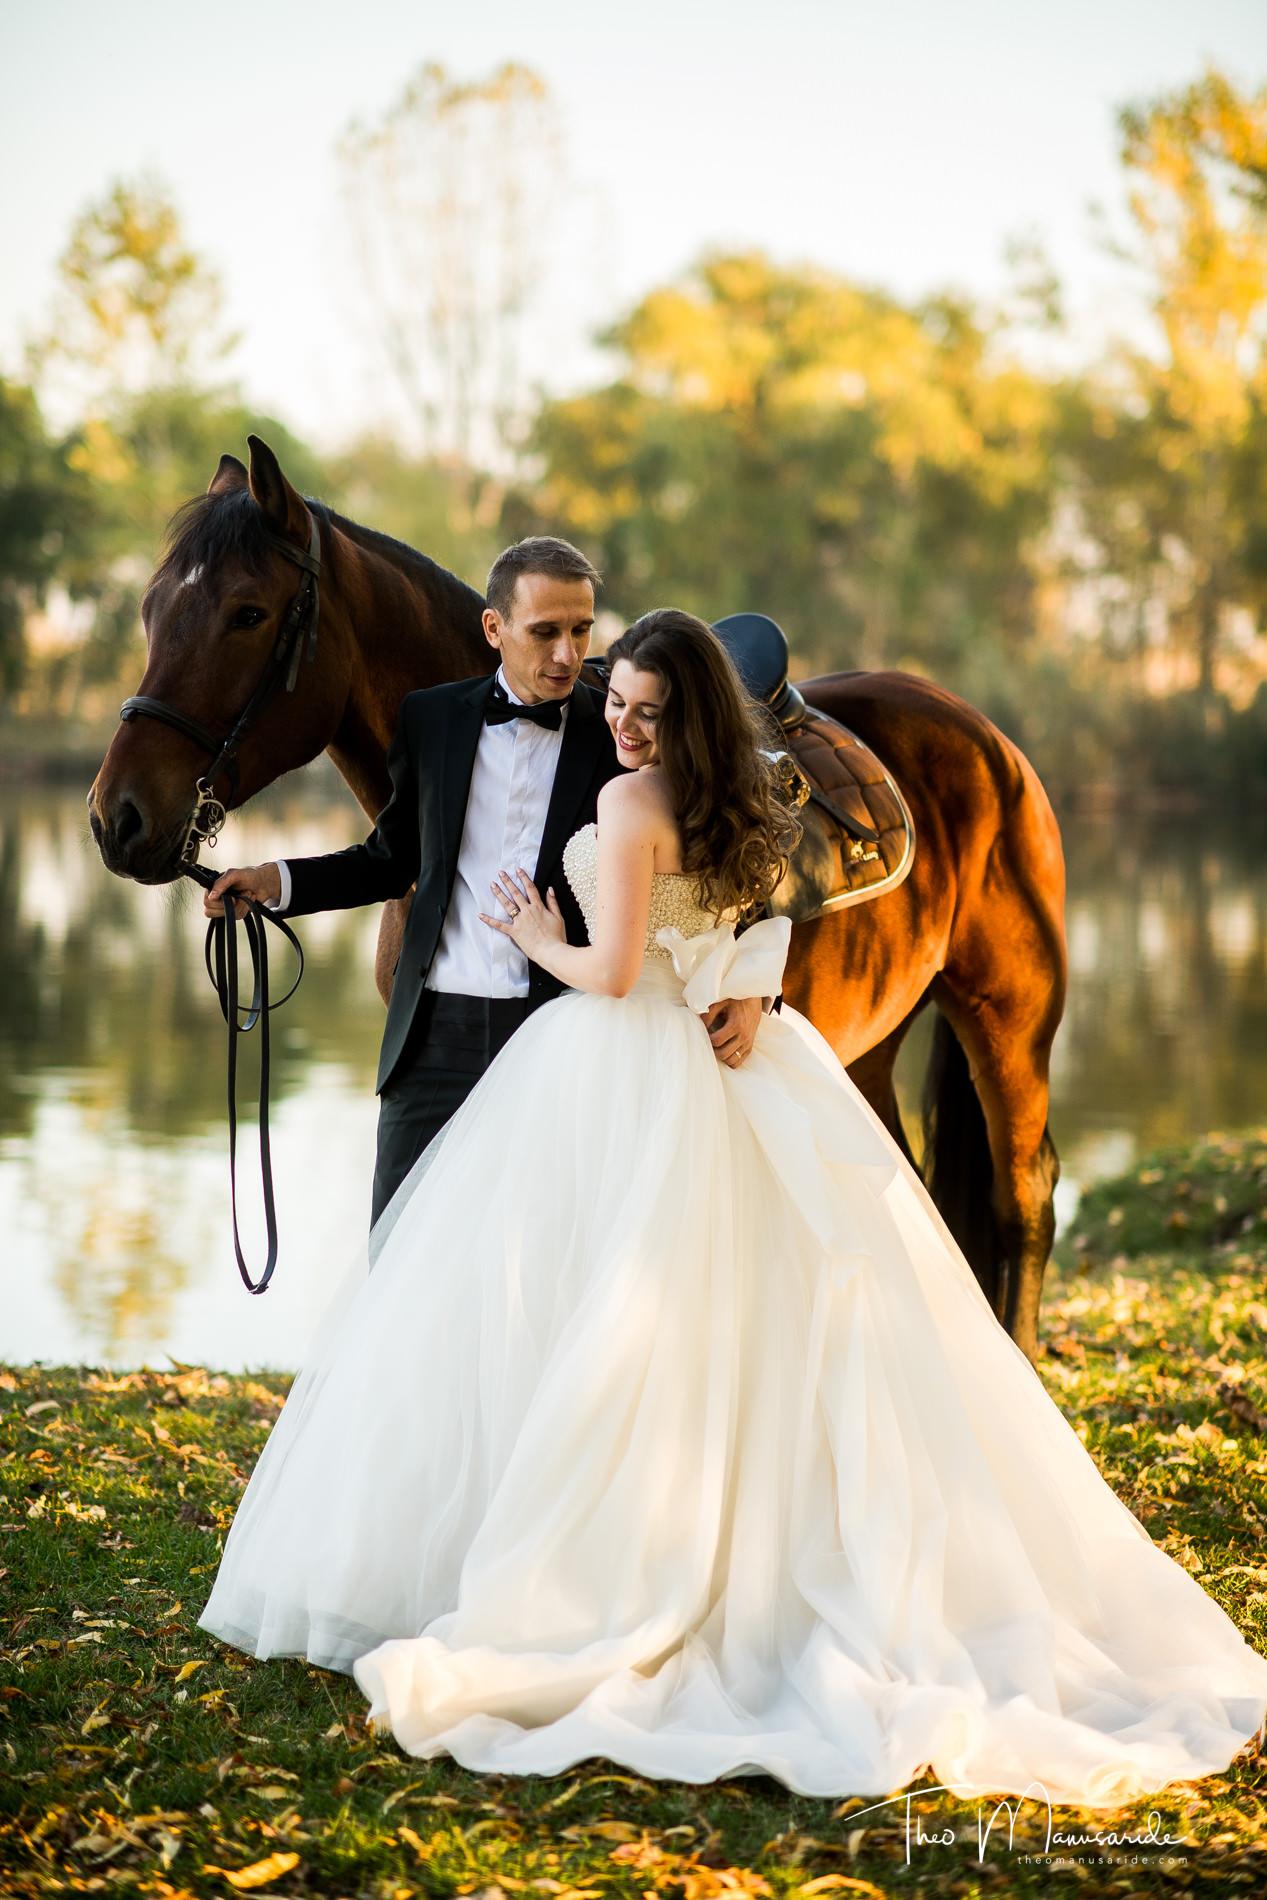 fotograf nunta bucuresti-89